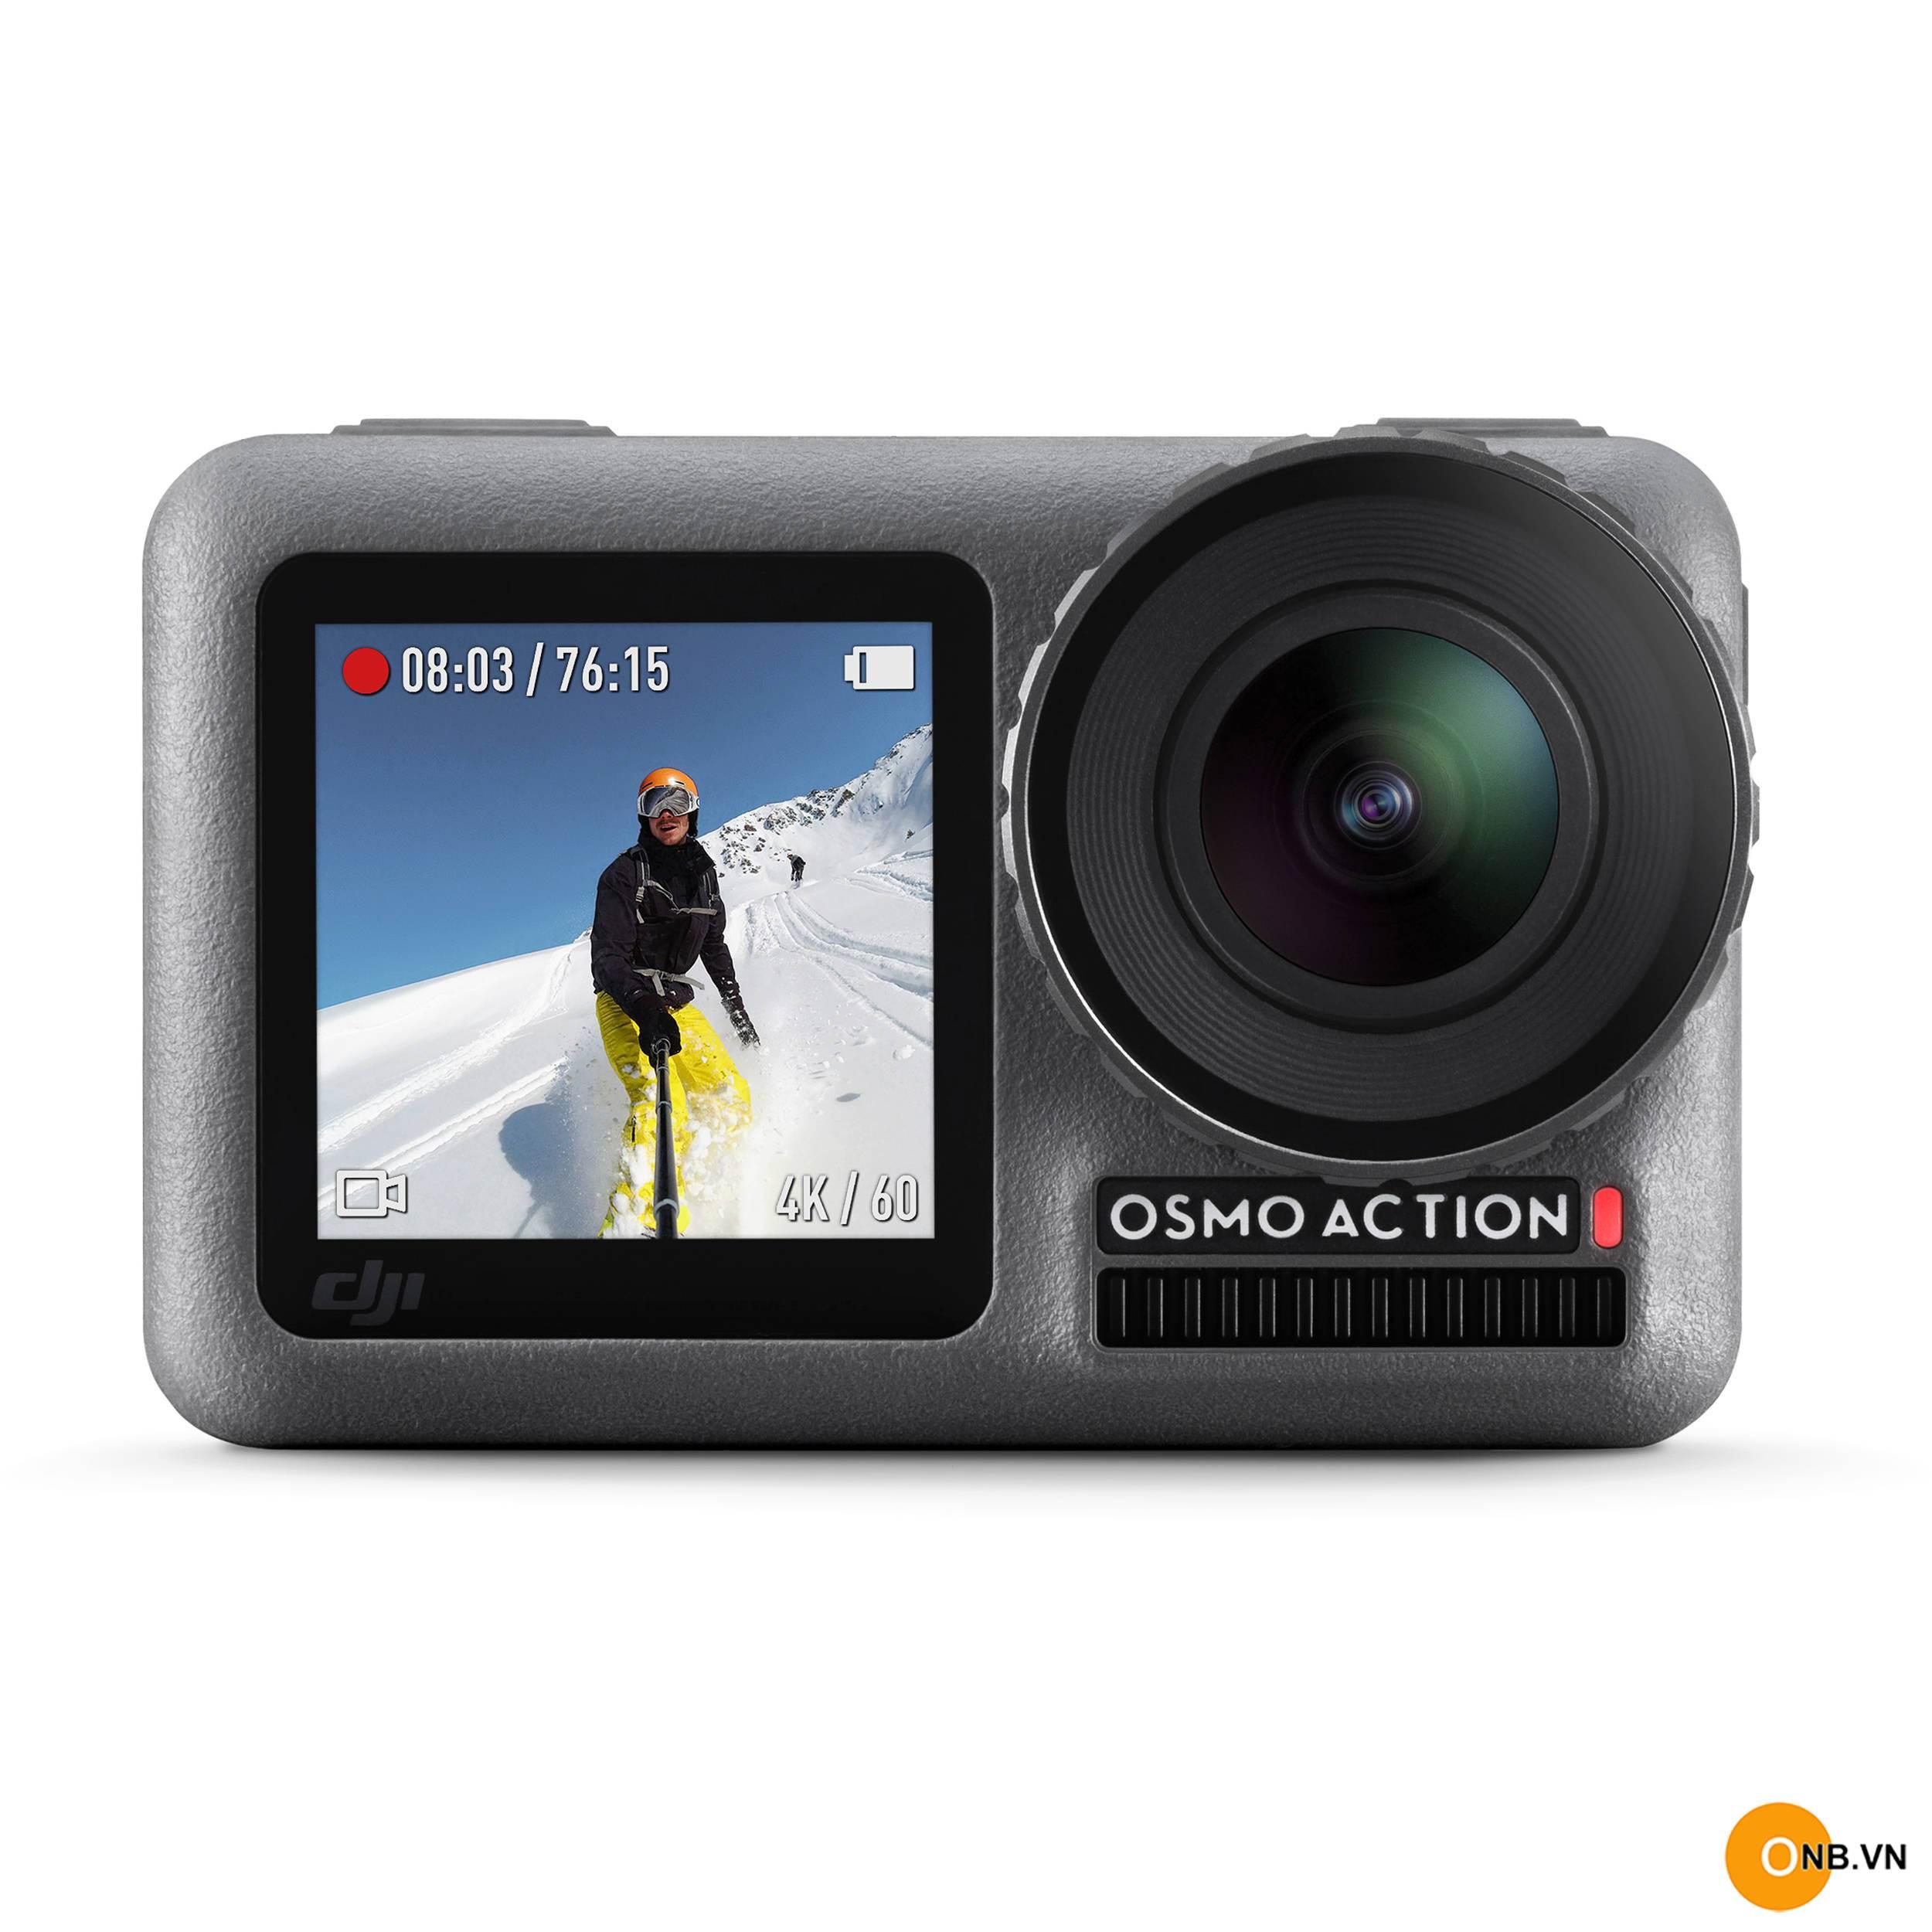 DJI OSMO ACTION - Camera siêu nét 4K mini xách tay chính hãng